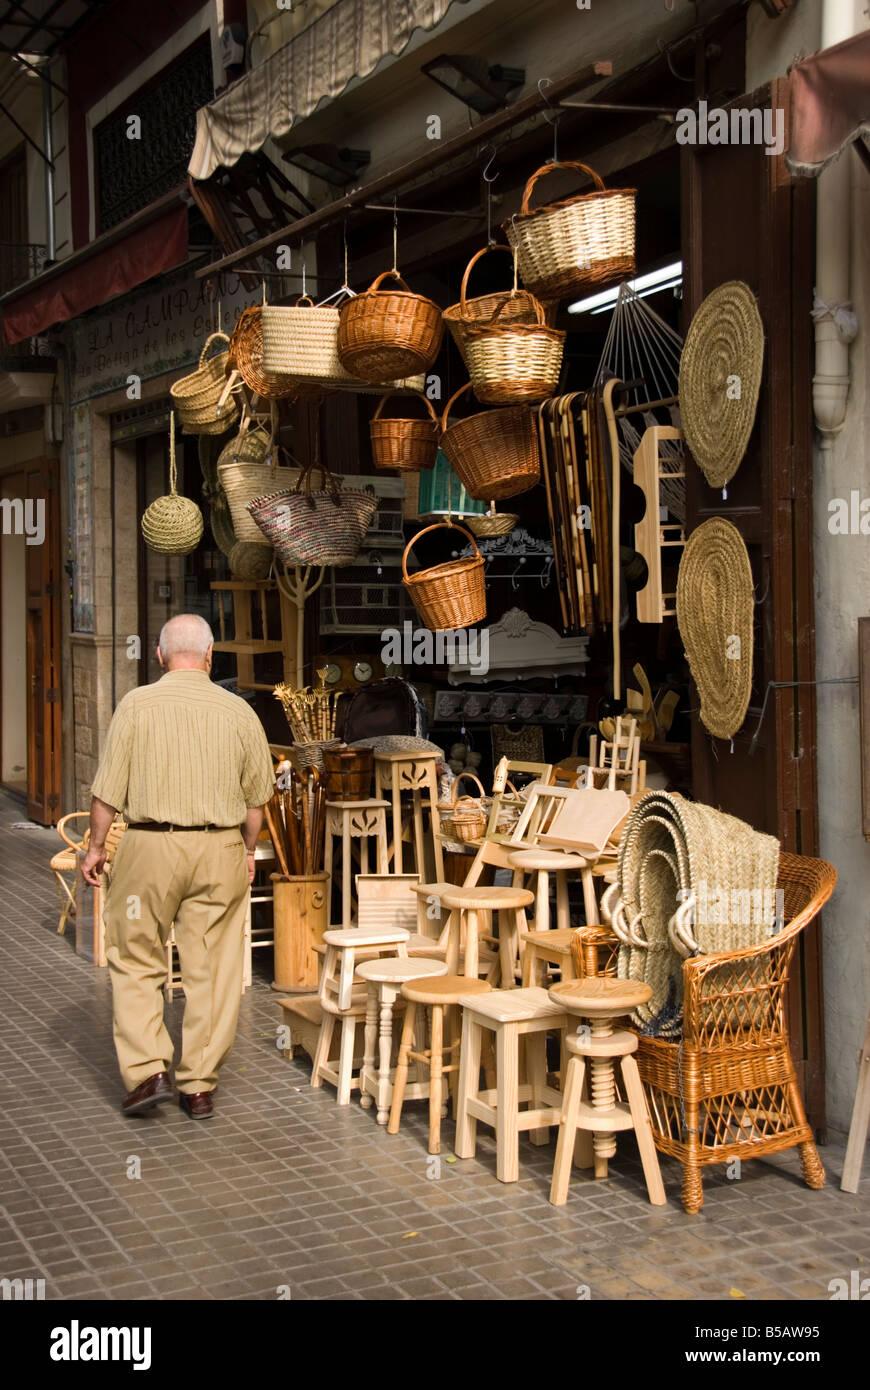 Magasin De Vente D Artisanat Et De Meubles En Bois Vannerie Dans Le Centre Ville De Valence Dans La Region De Valence De L Espagne Photo Stock Alamy